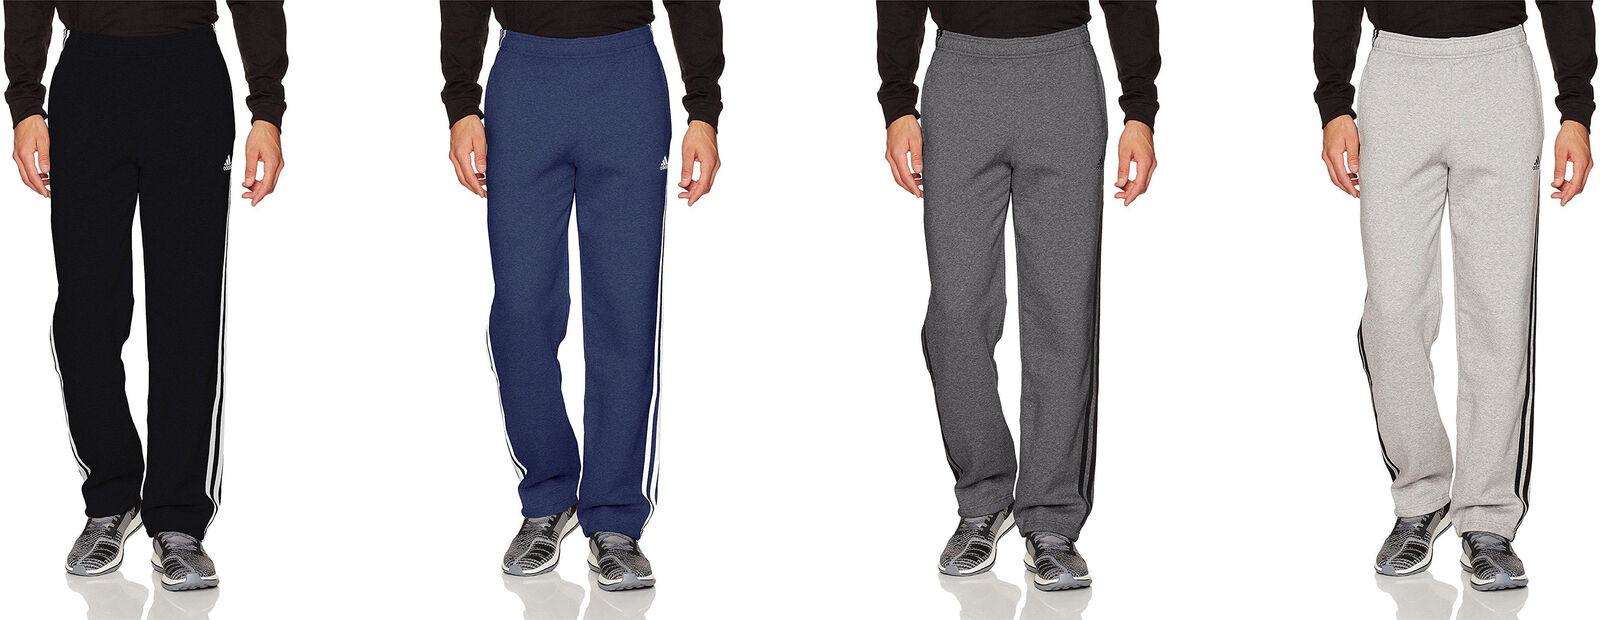 Details about adidas Men's Essentials 3 Stripe Regular Fit Fleece Pants, 4 Colors